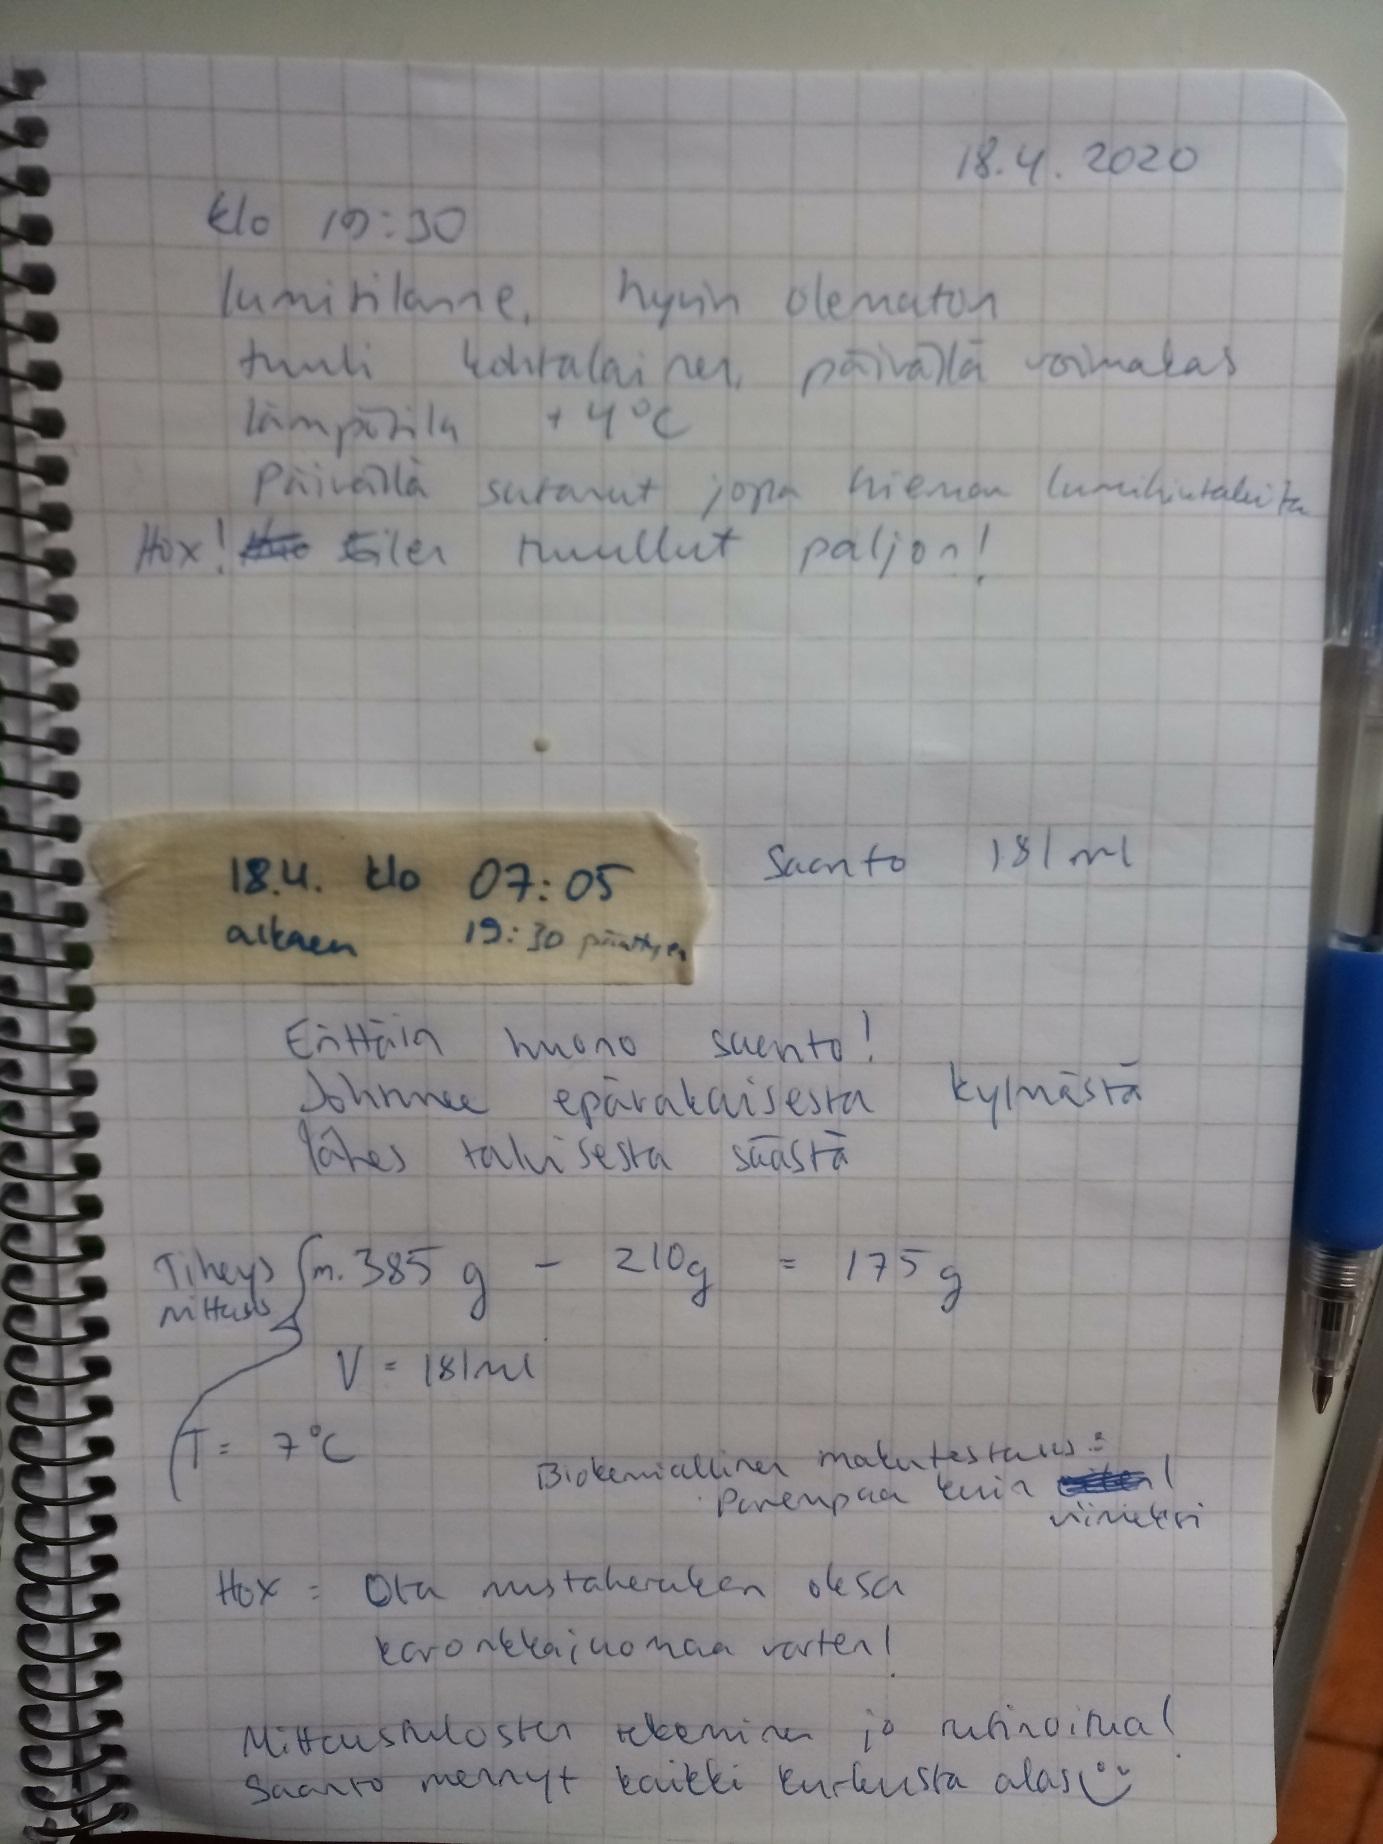 Laboratoriopäiväkirja